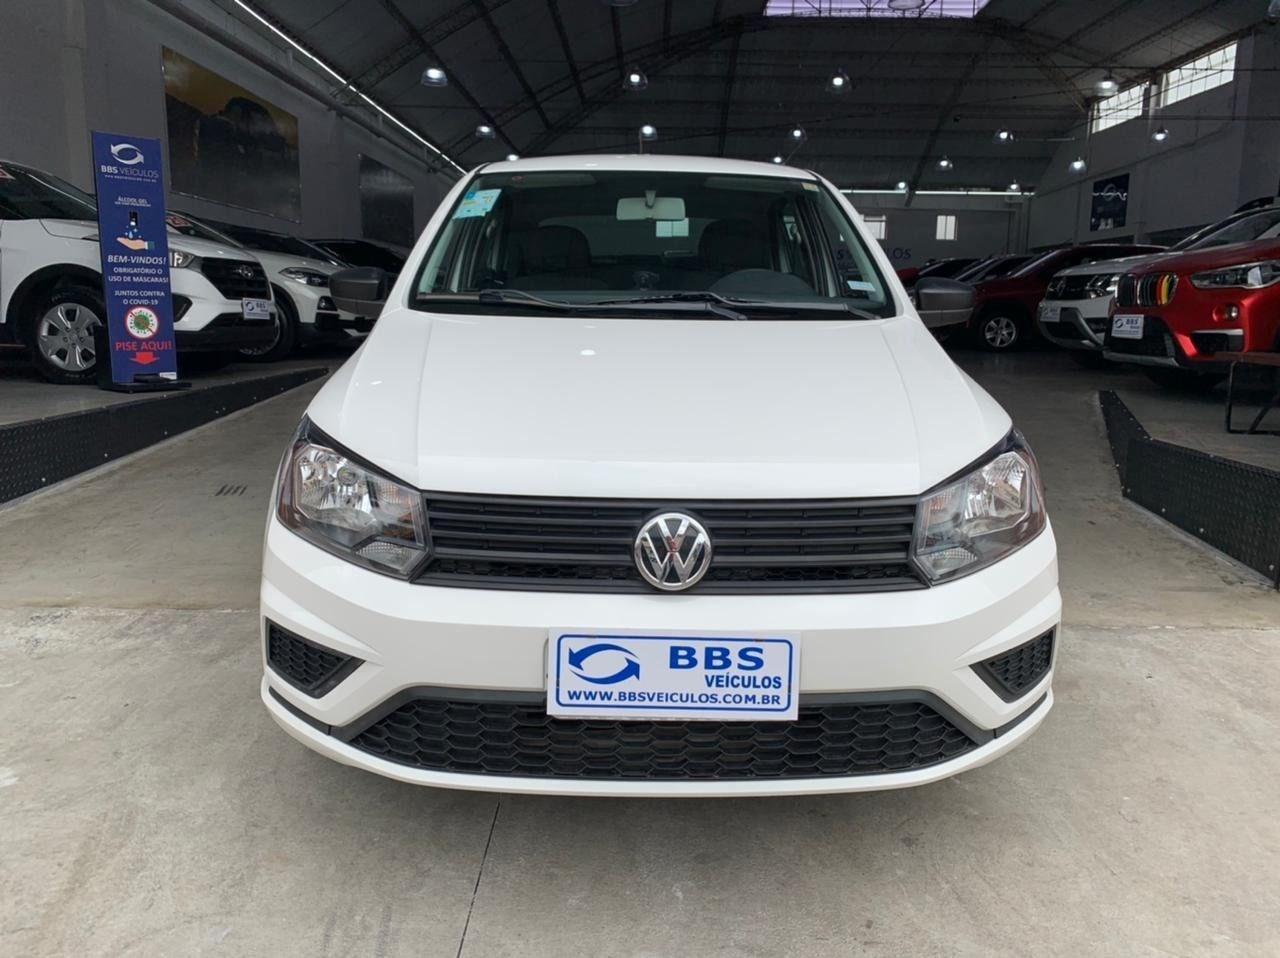 //www.autoline.com.br/carro/volkswagen/gol-10-12v-flex-4p-manual/2020/sao-paulo-sp/13559926